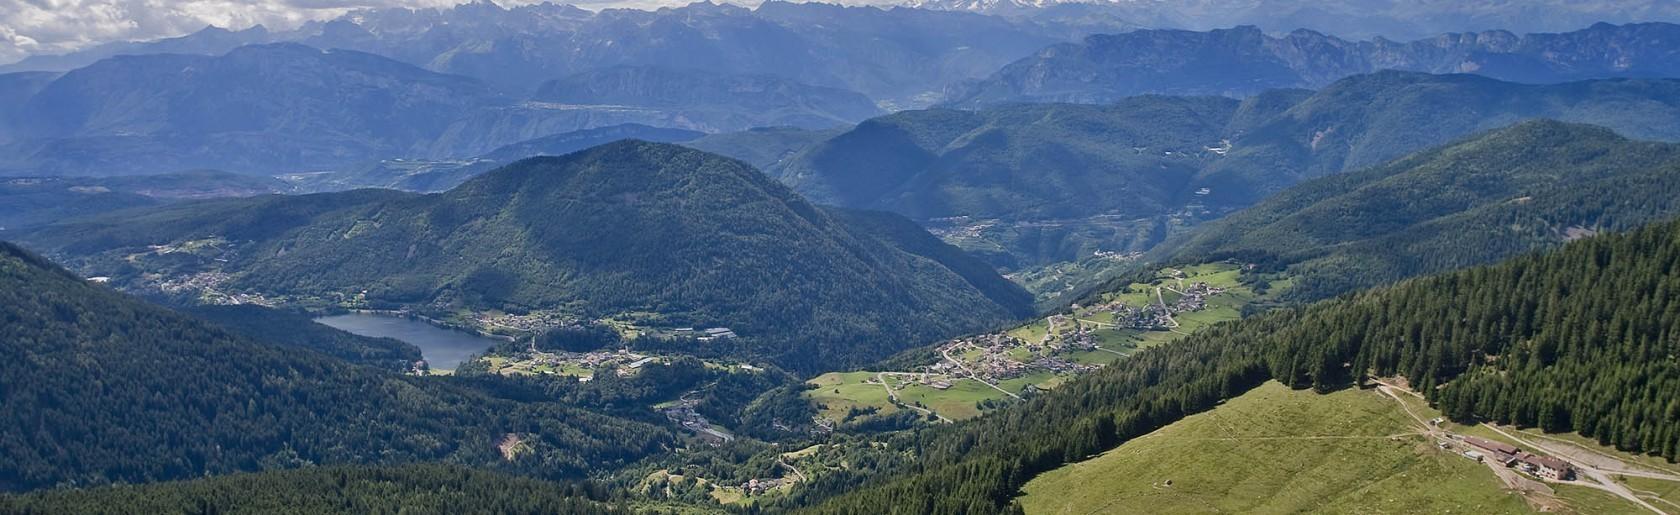 Hotel Tirol per le tue vacanze in montagna, in Trentino